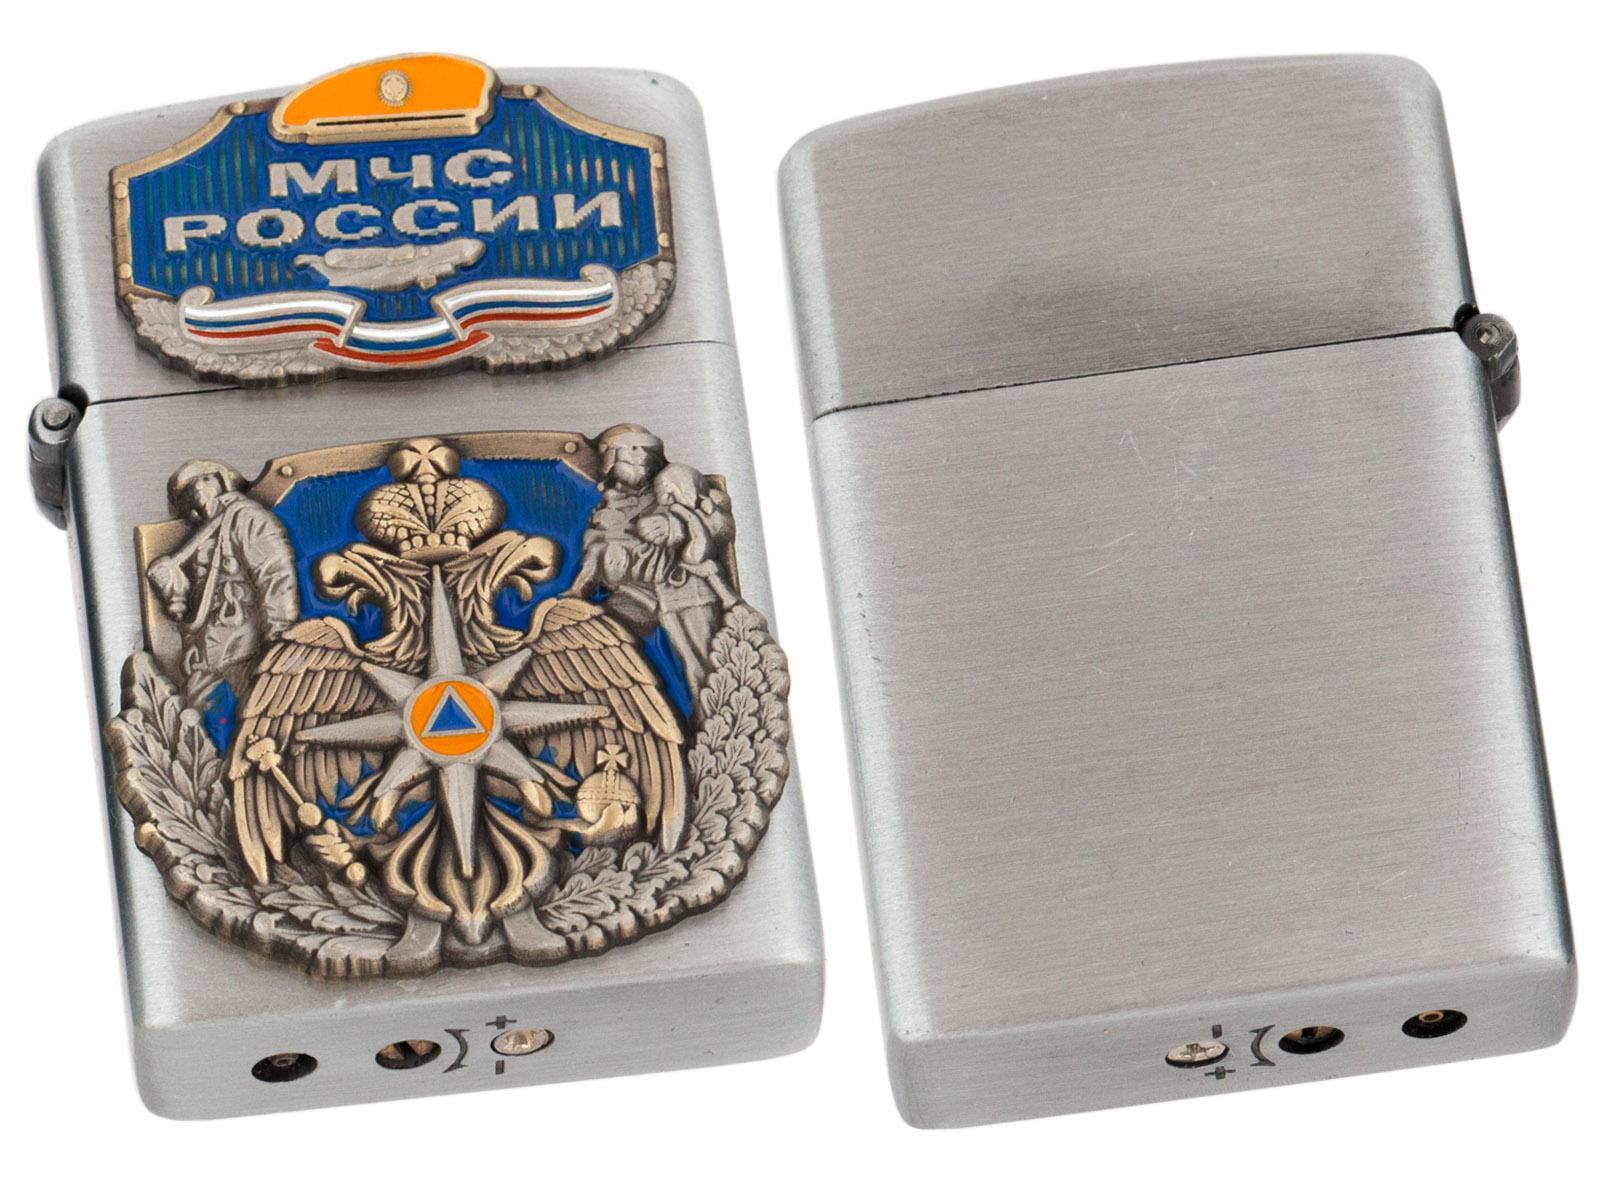 Газовая зажигалка МЧС с авторскими накладками по лучшей цене